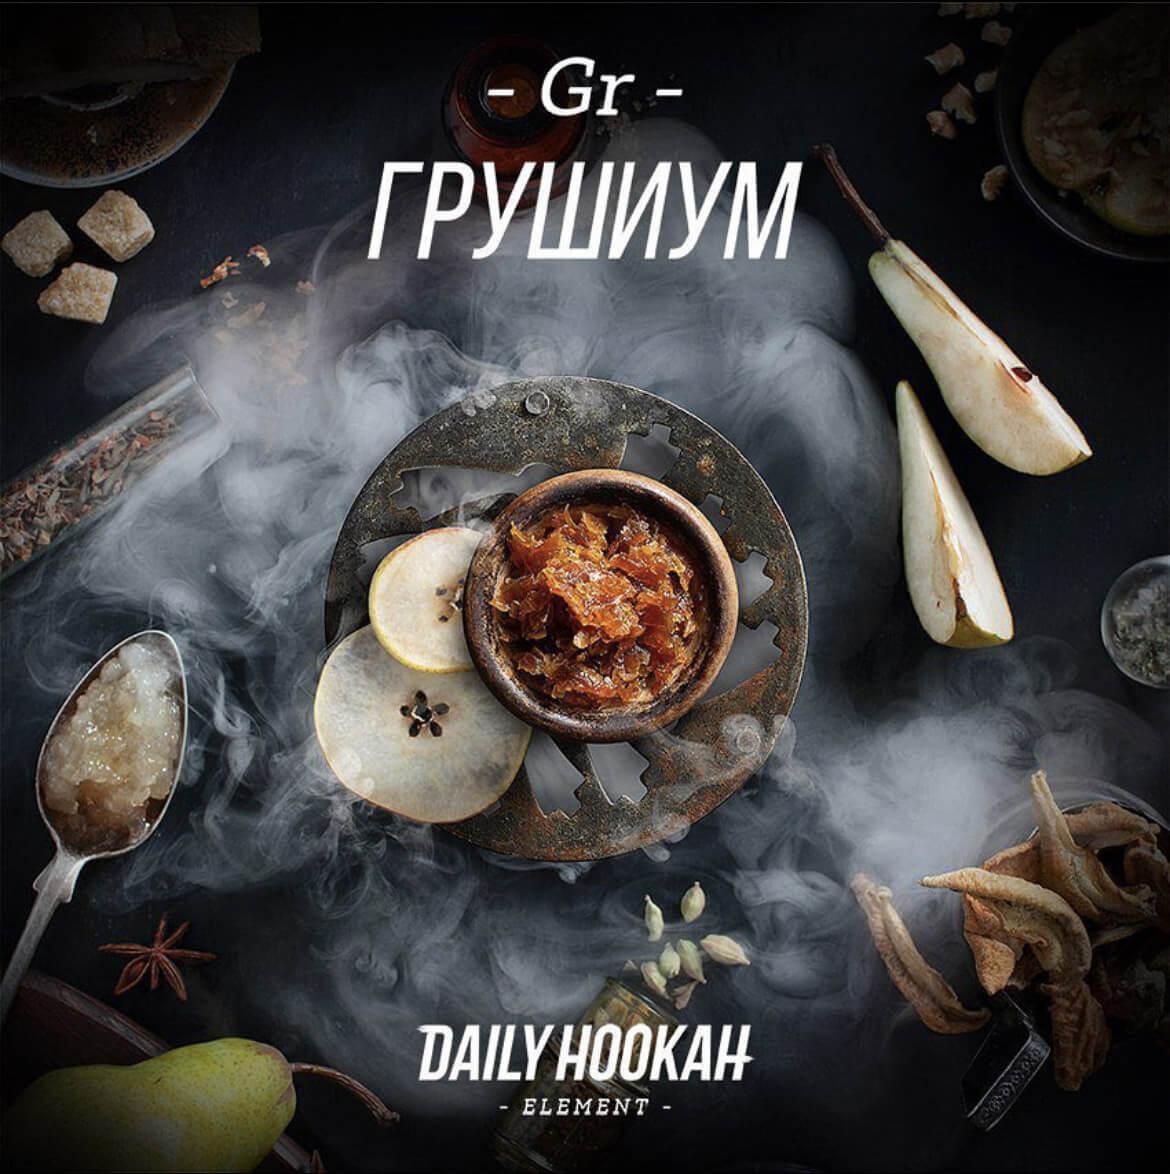 Табак Daily Hookah Грушиум